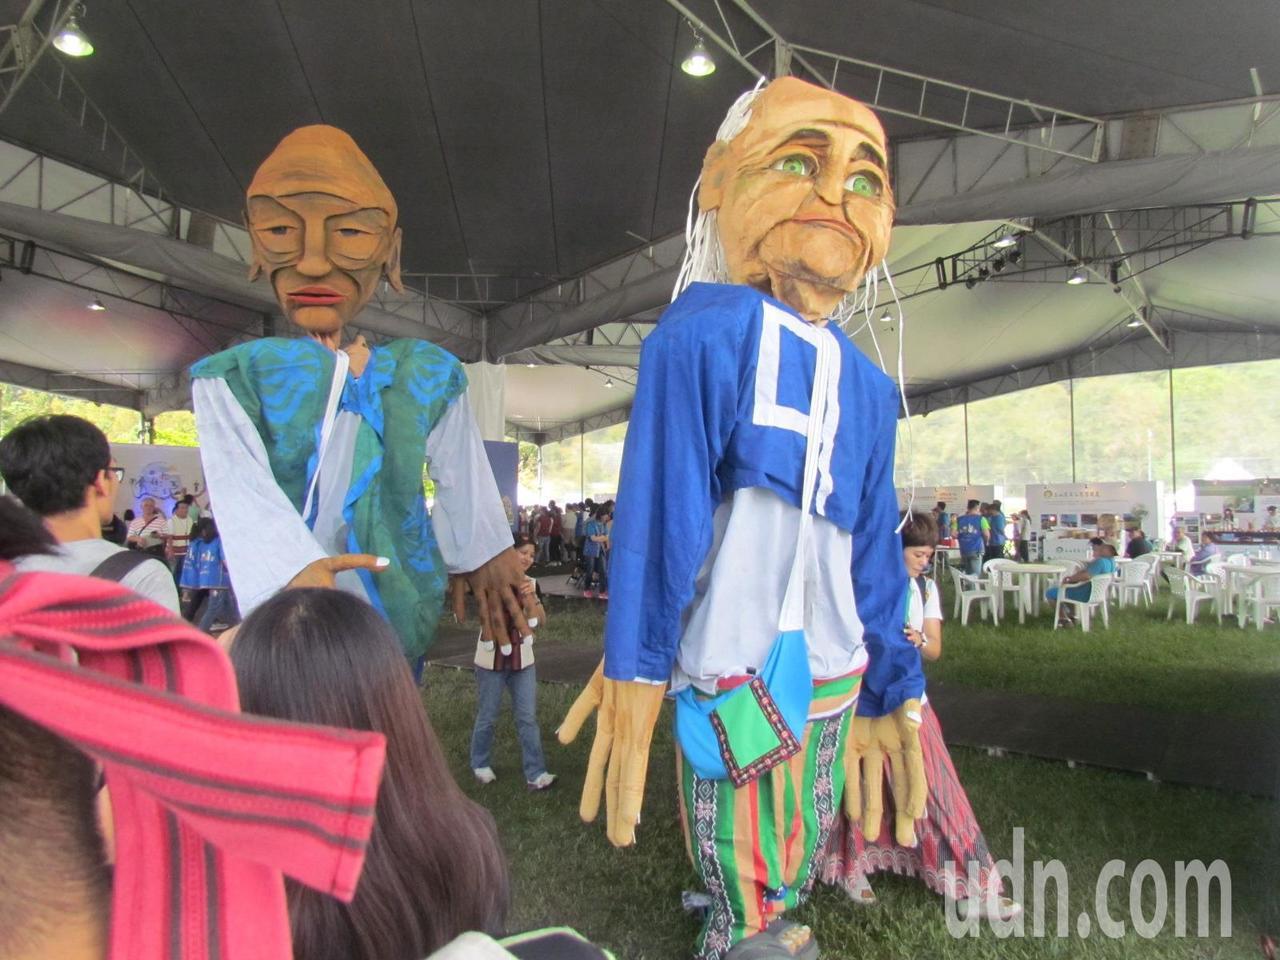 代表阿美族精神,身長3公尺多的巨偶進場,帶來一陣轟動。記者張家樂/攝影